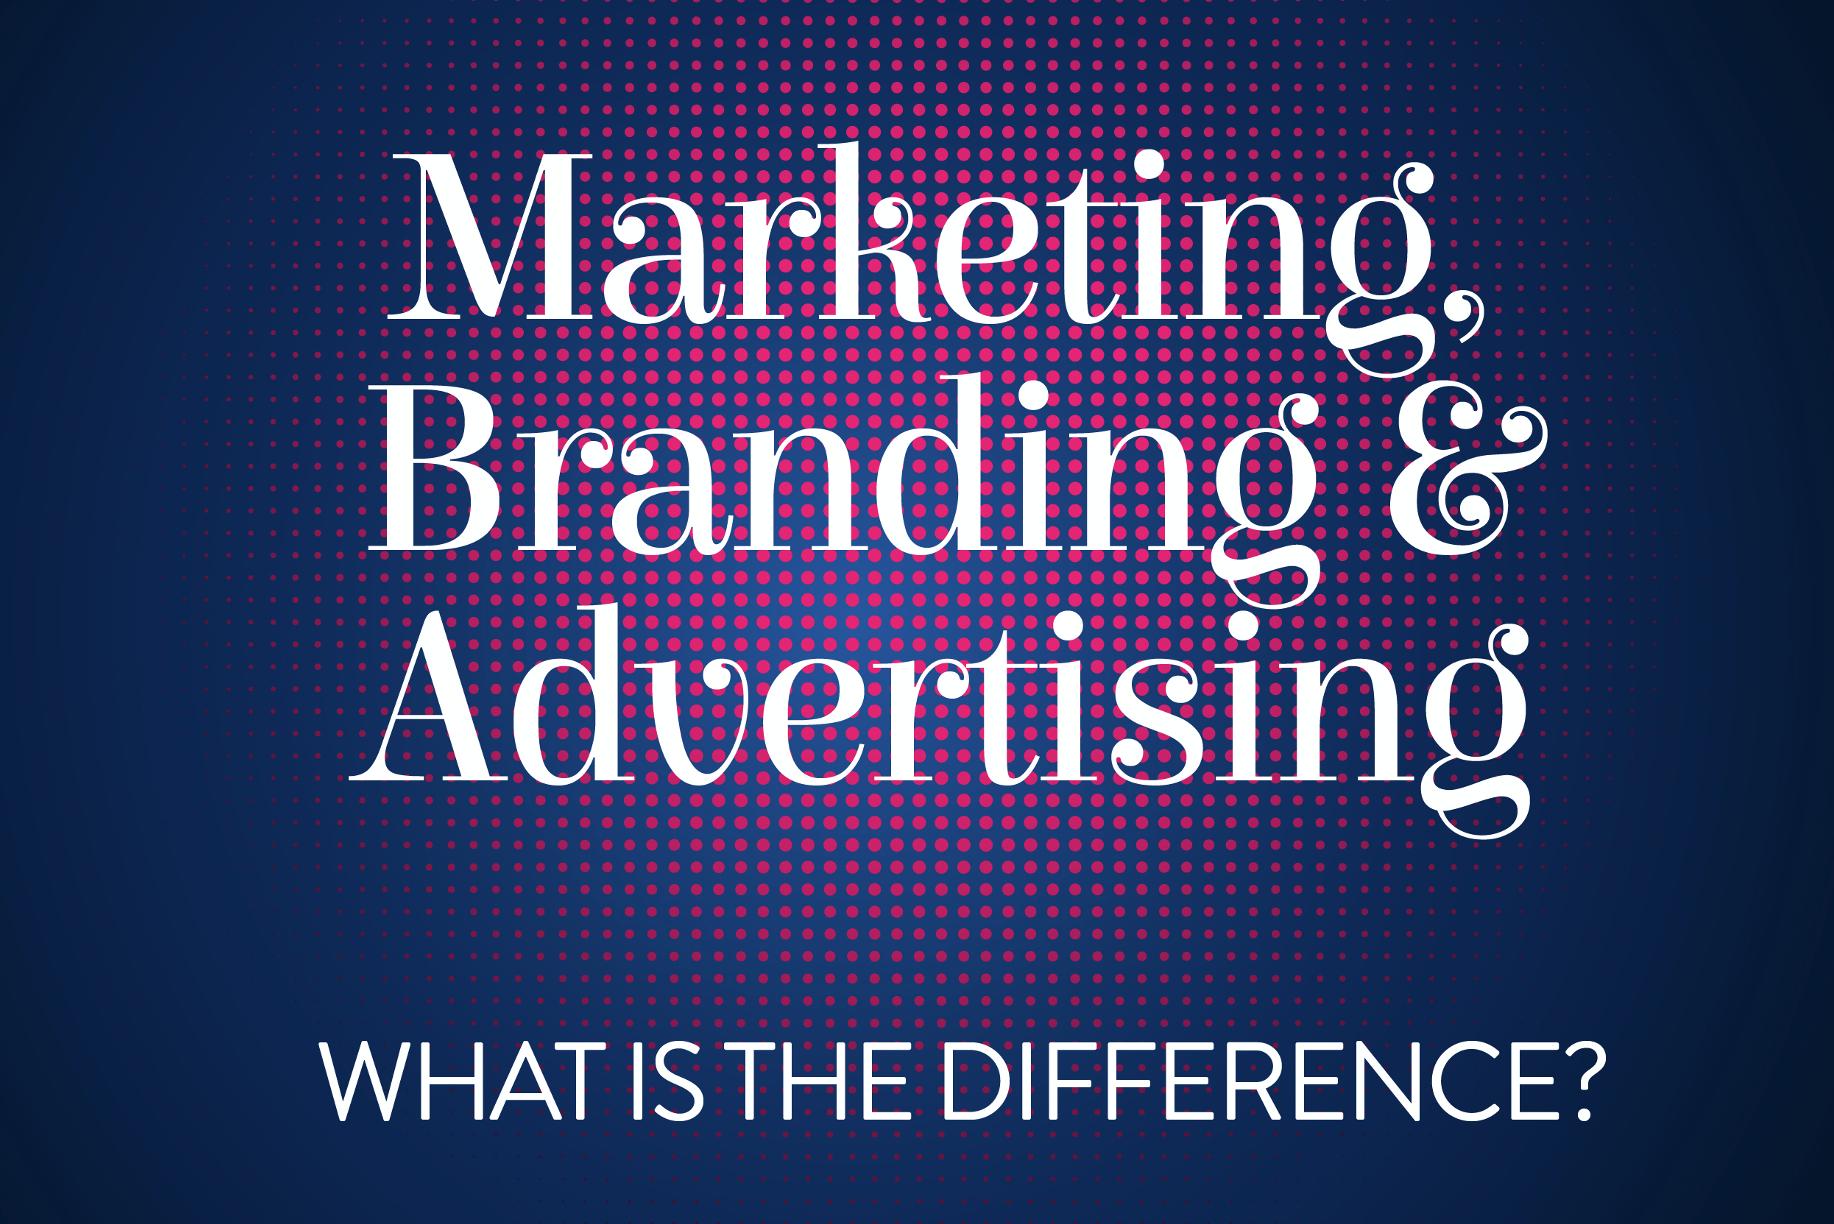 Marketing vs. Advertising vs. Branding